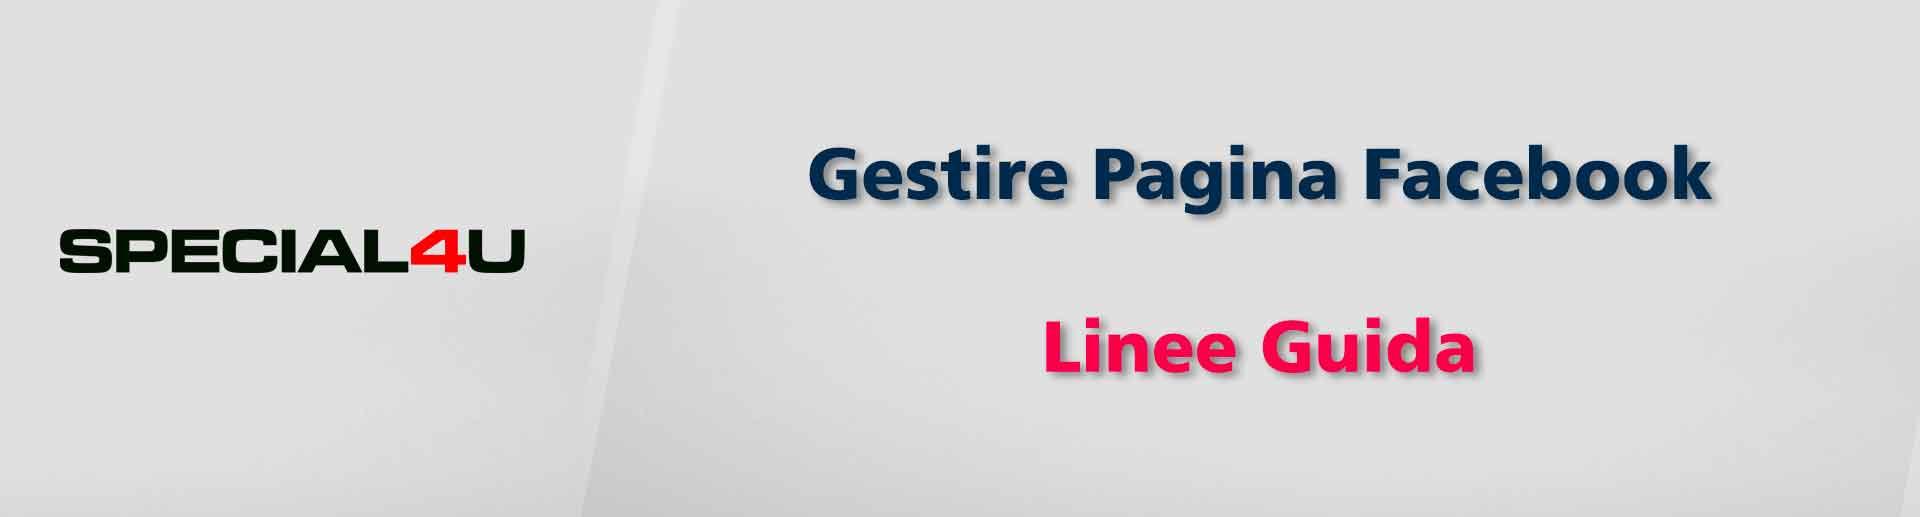 Gestire pagina Facebook - Linee Guida